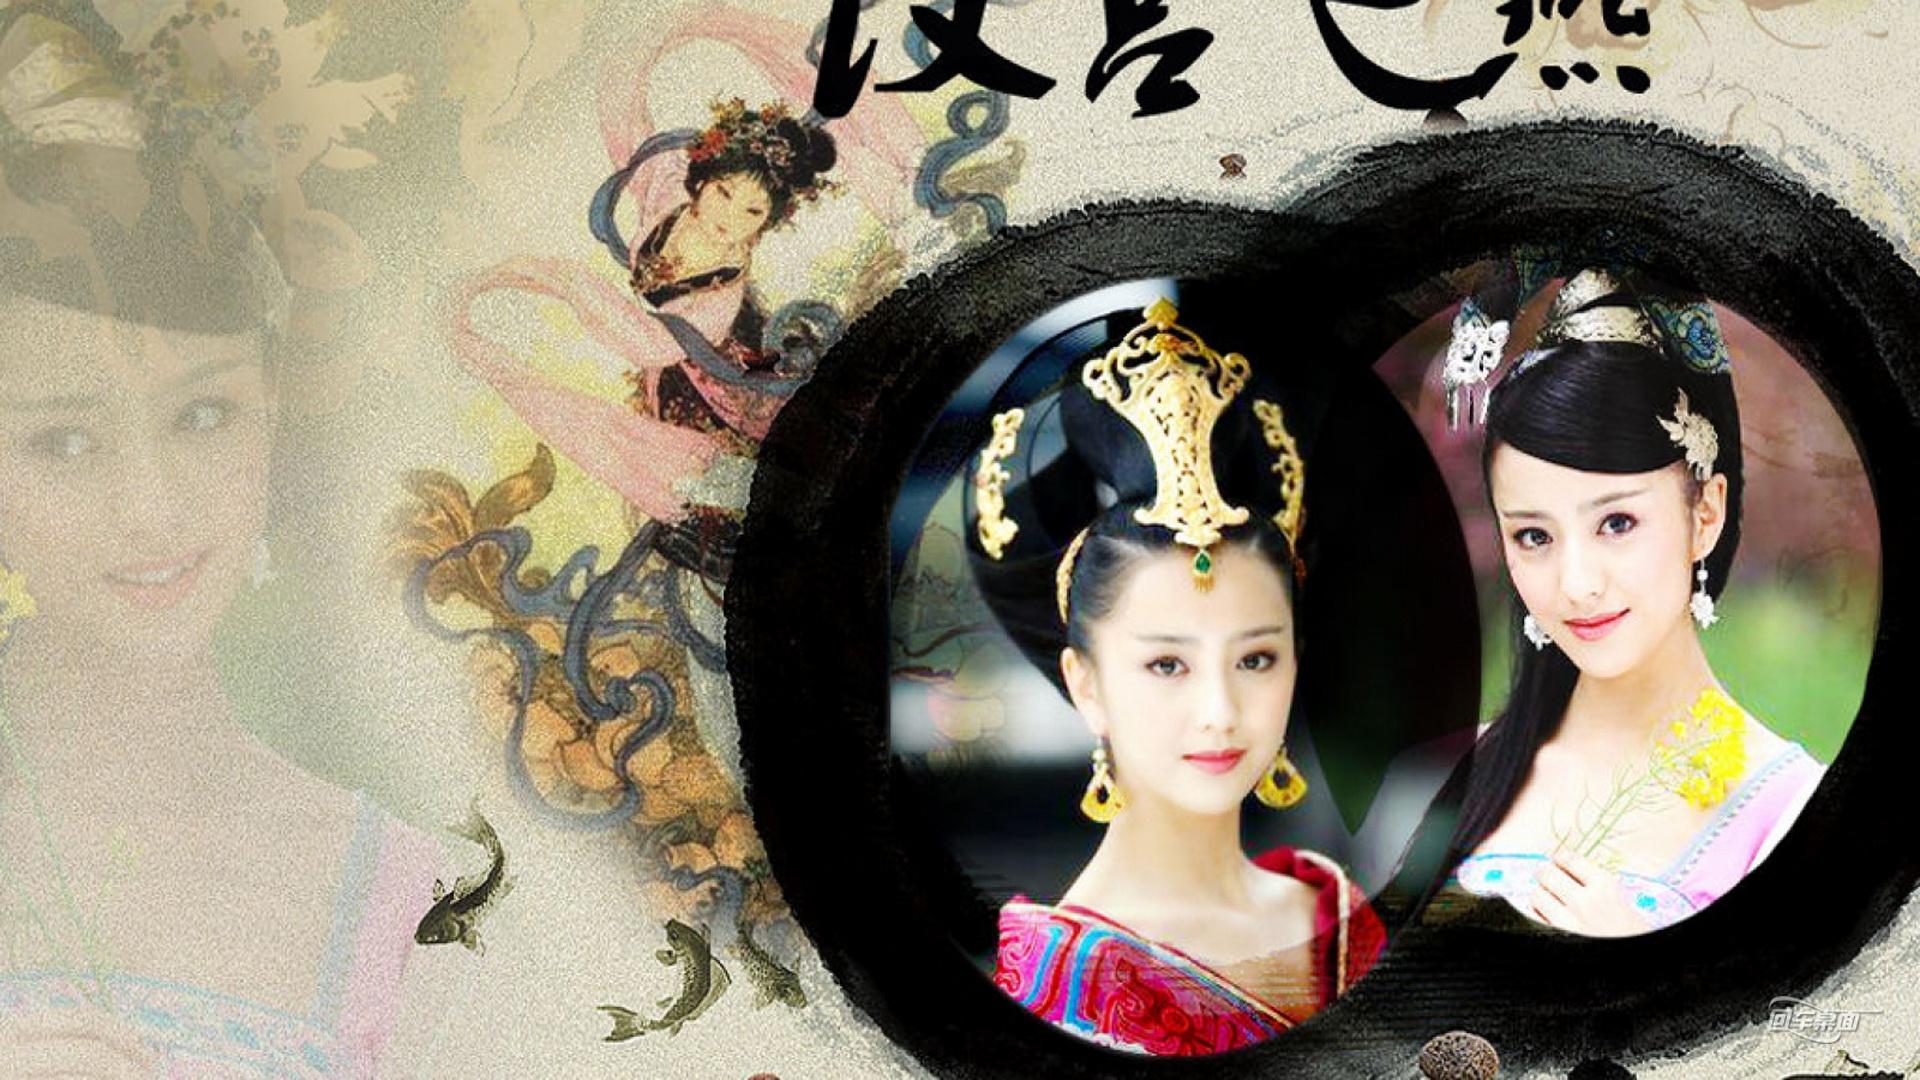 佟丽娅古装剧剧照桌面(1920x1080)壁纸-桌面